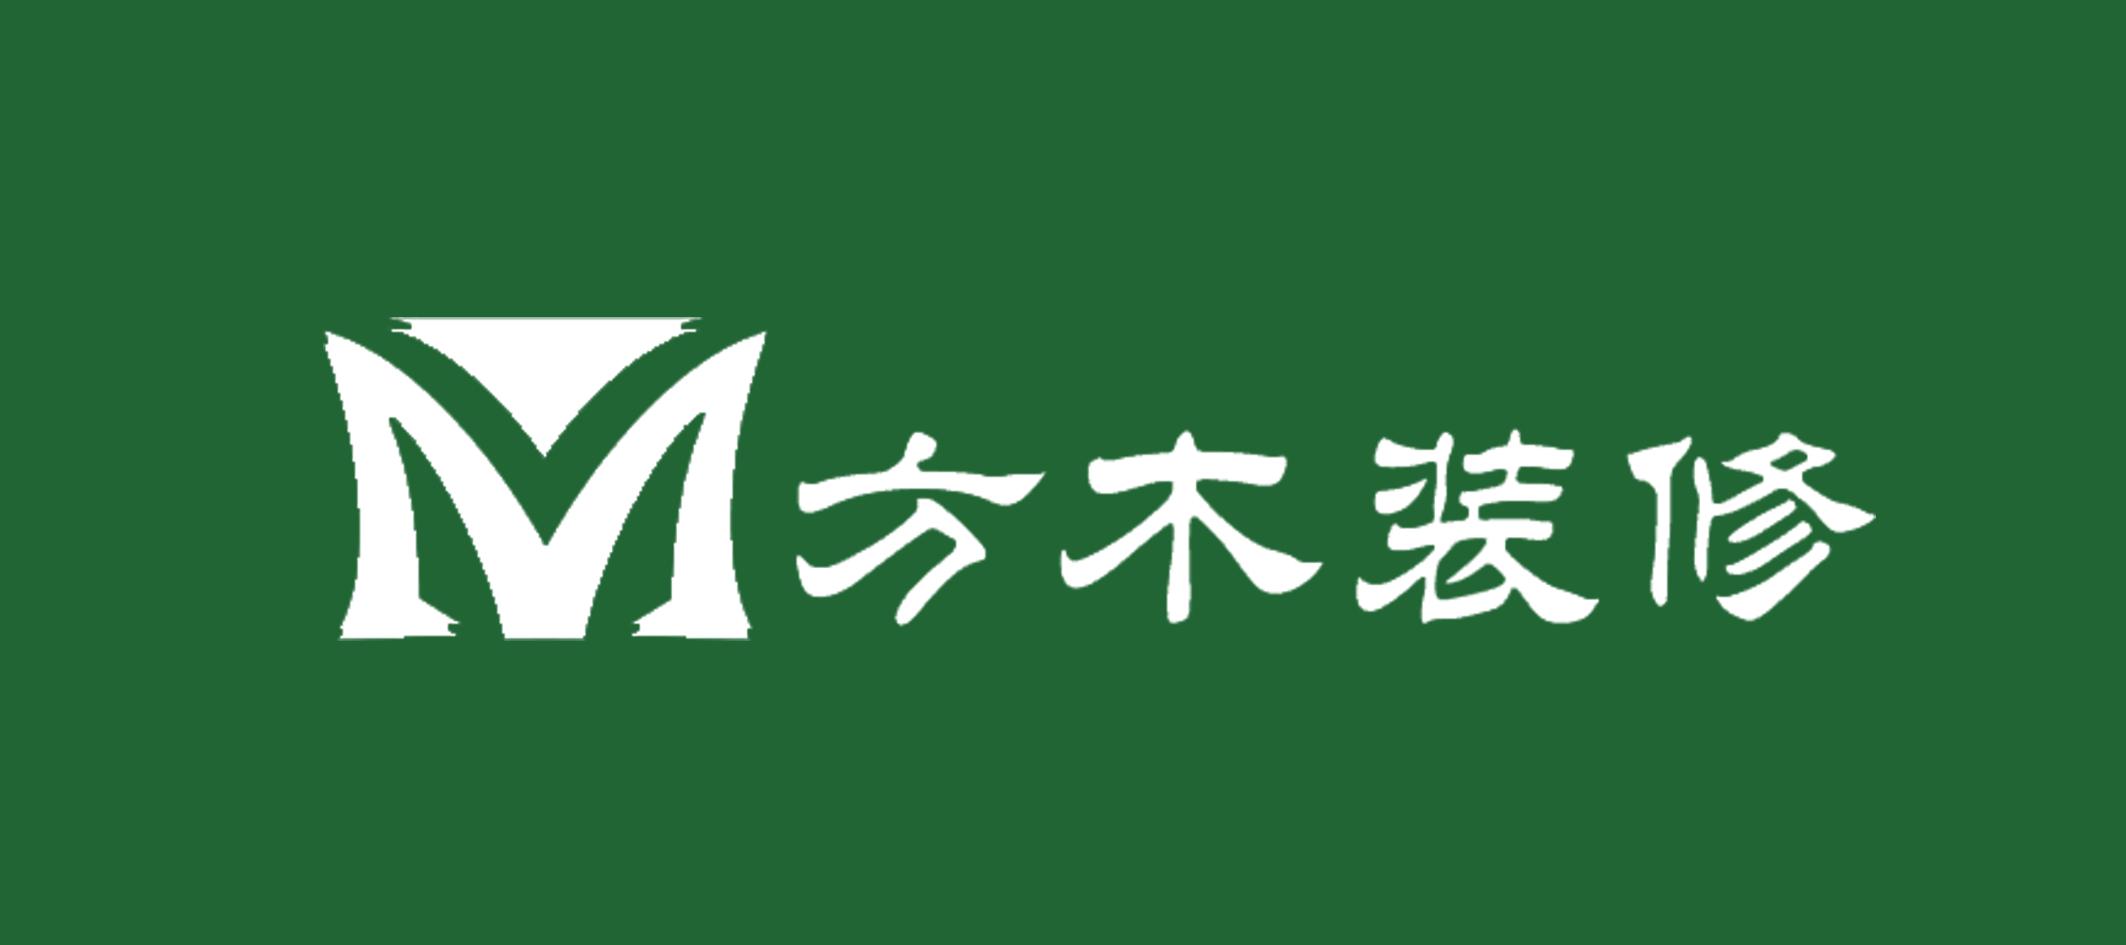 南京方木装饰工程有限公司